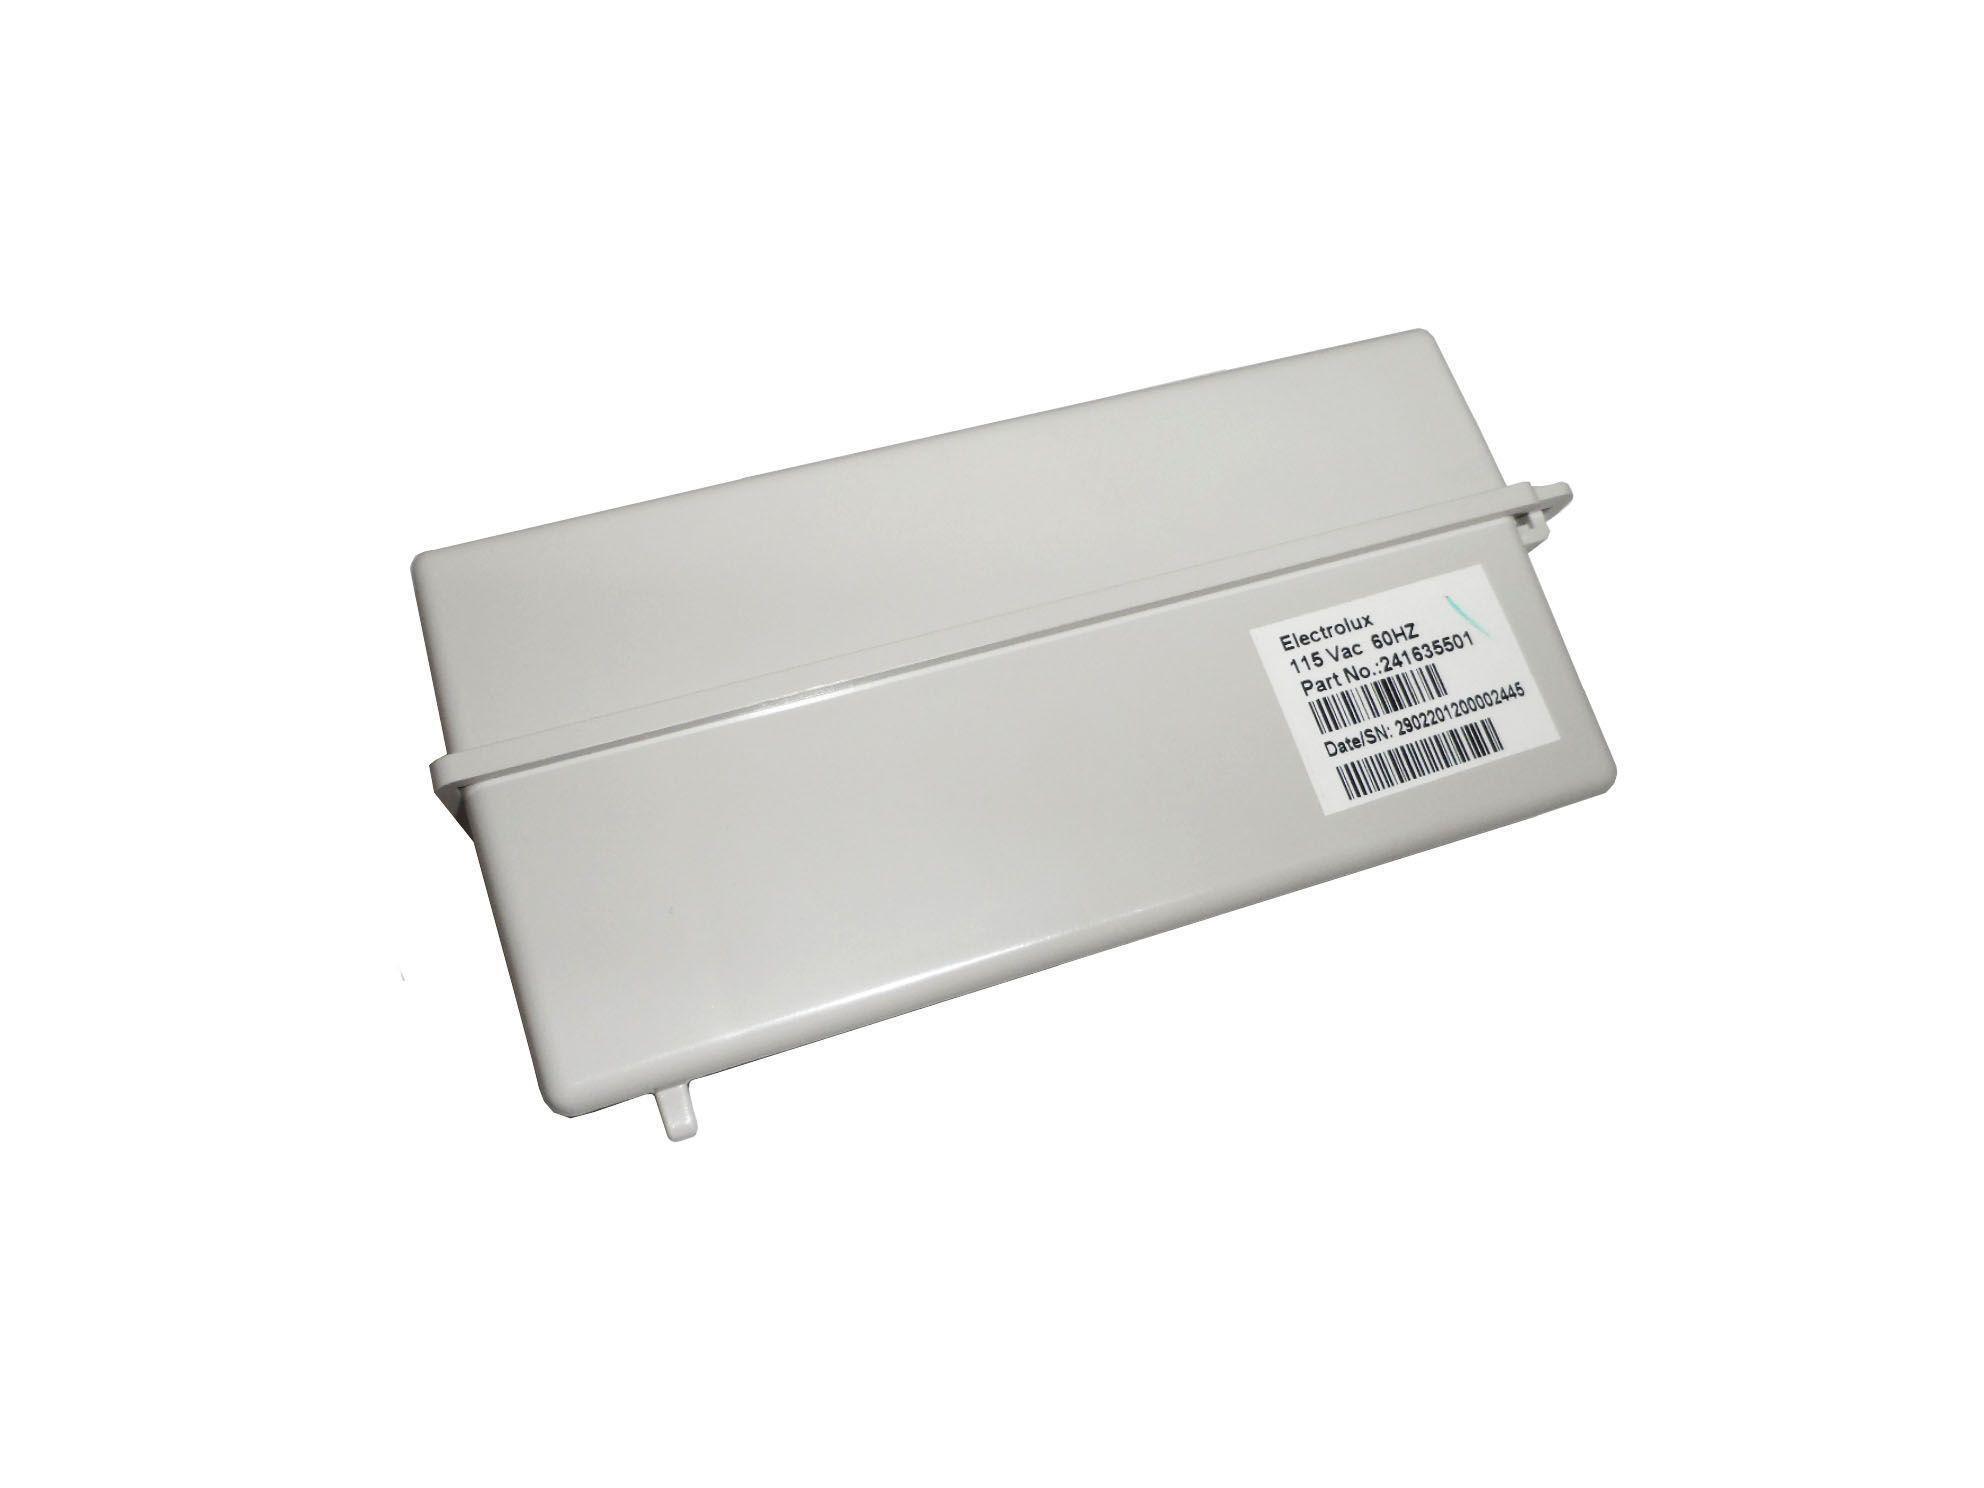 Placa Eletrônica Dispenser Refrigerador Side By Side Electrolux 127V 41635501